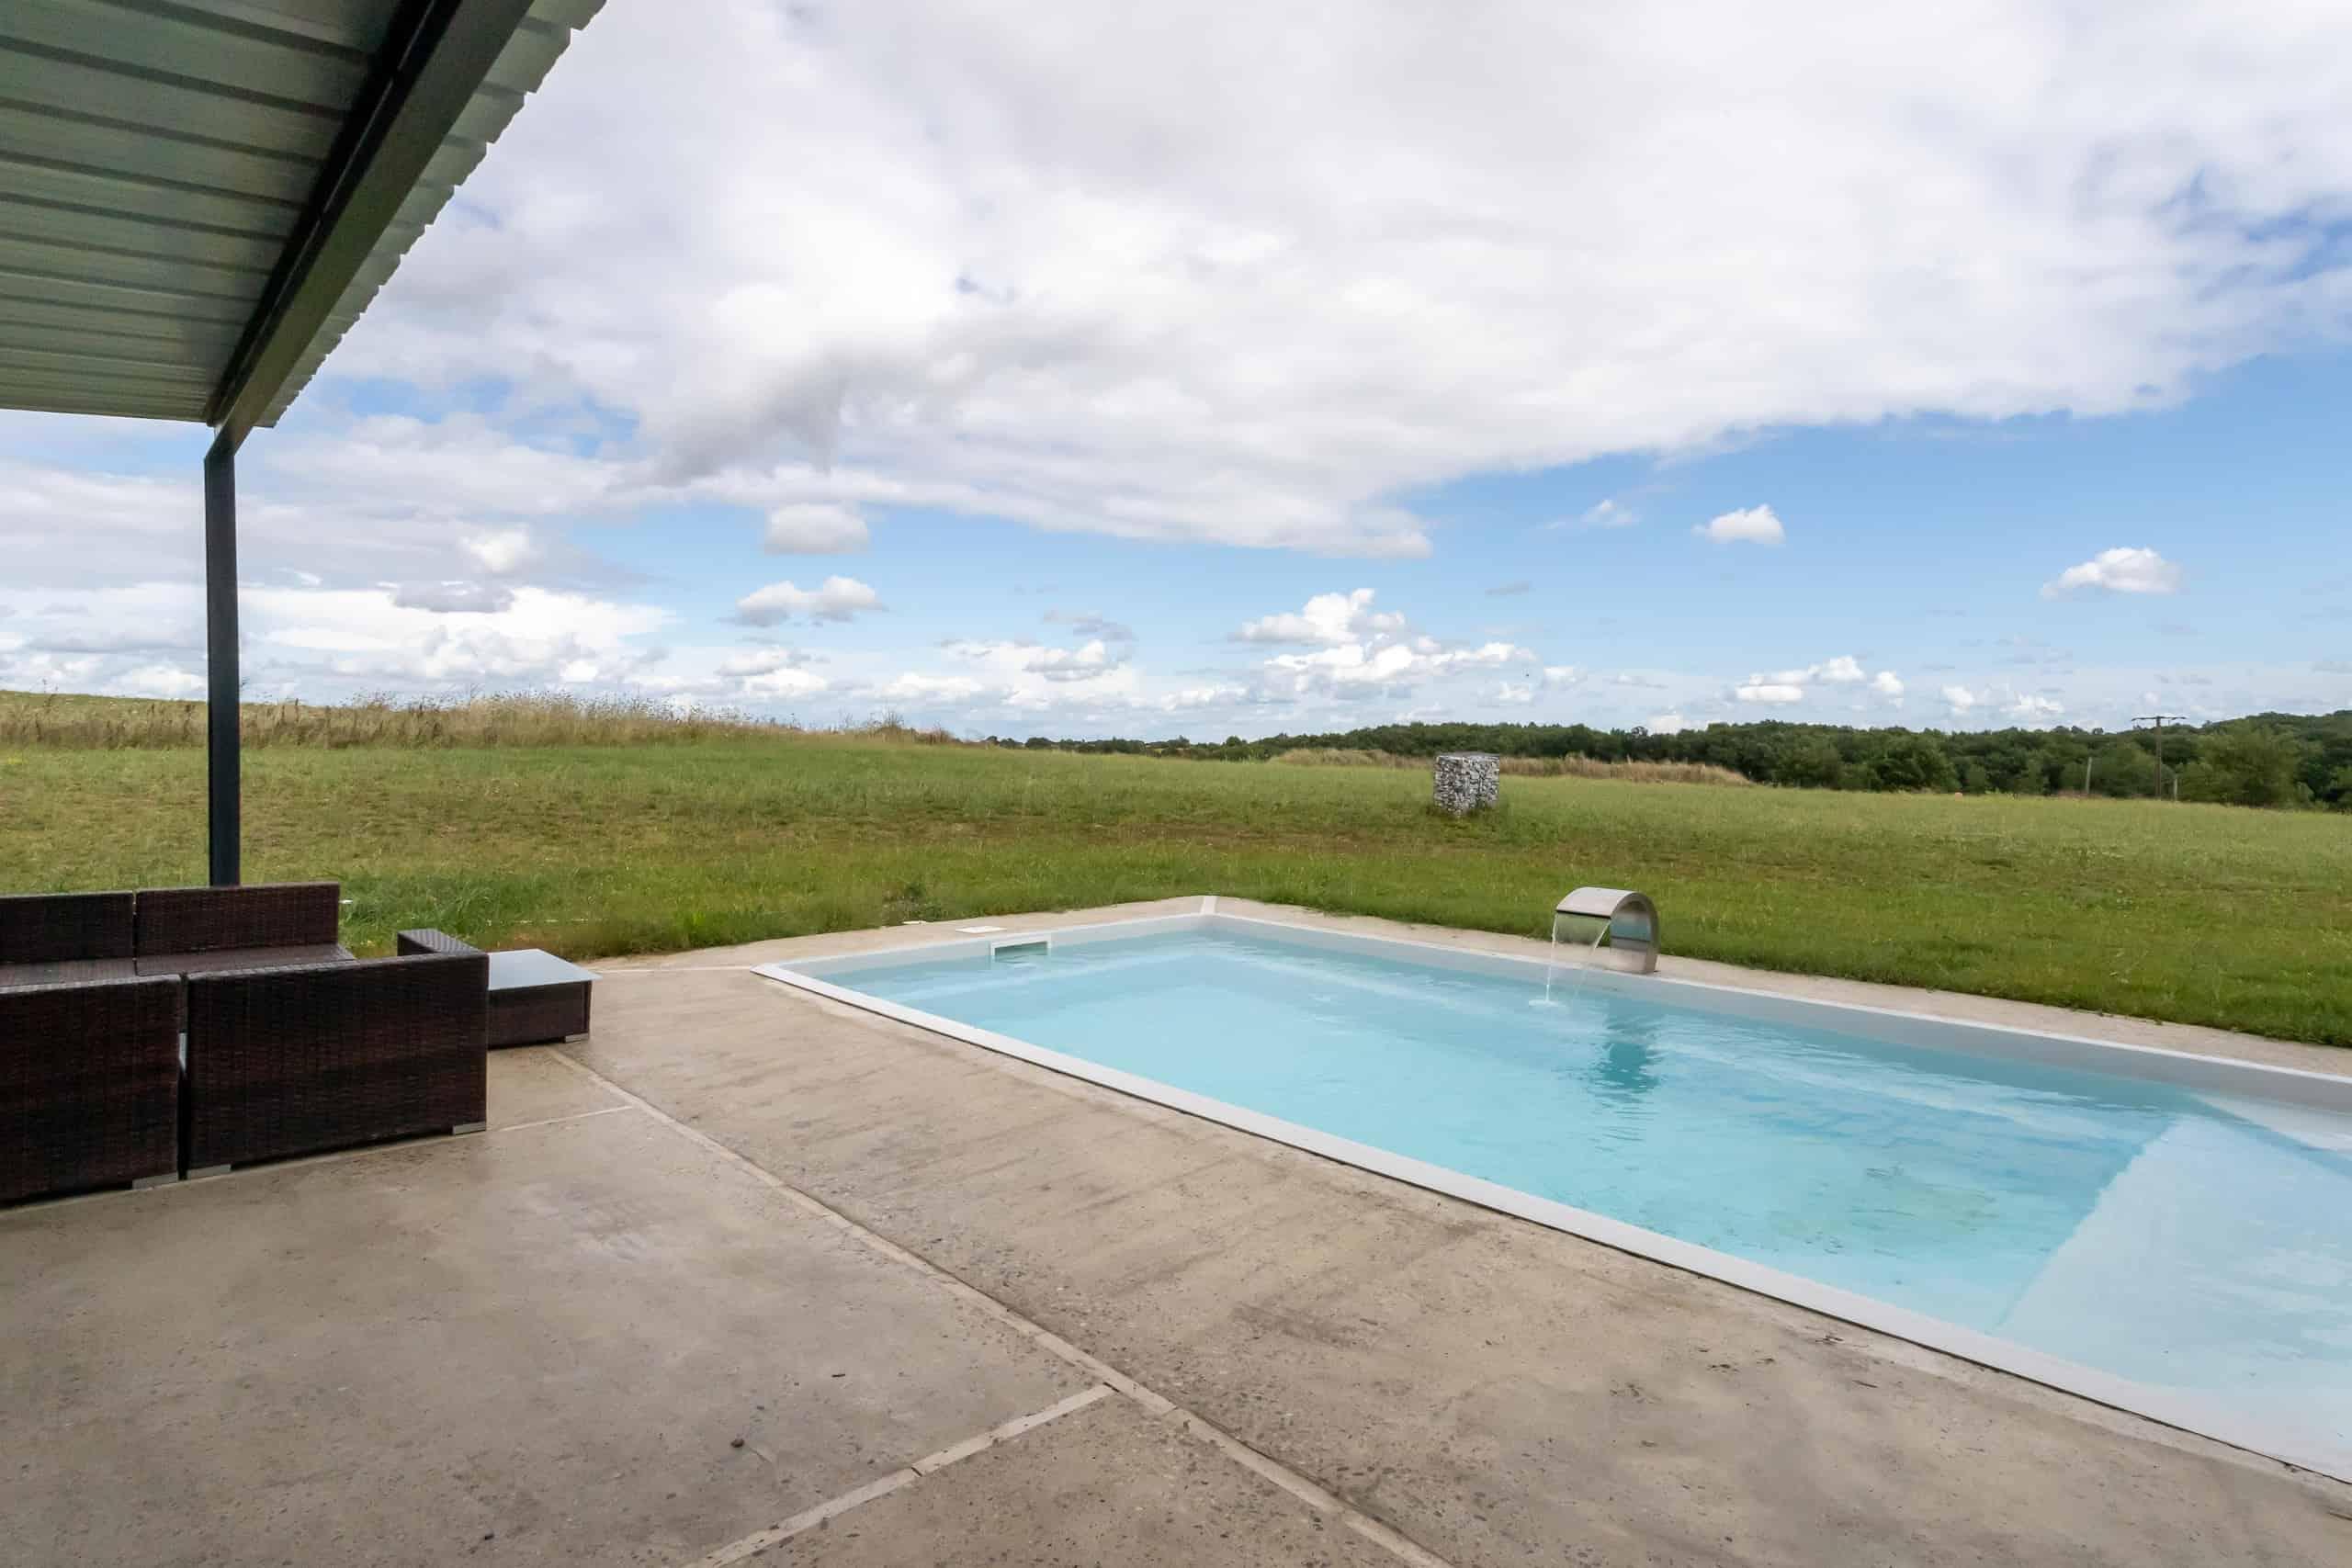 Pool-View-WMC092